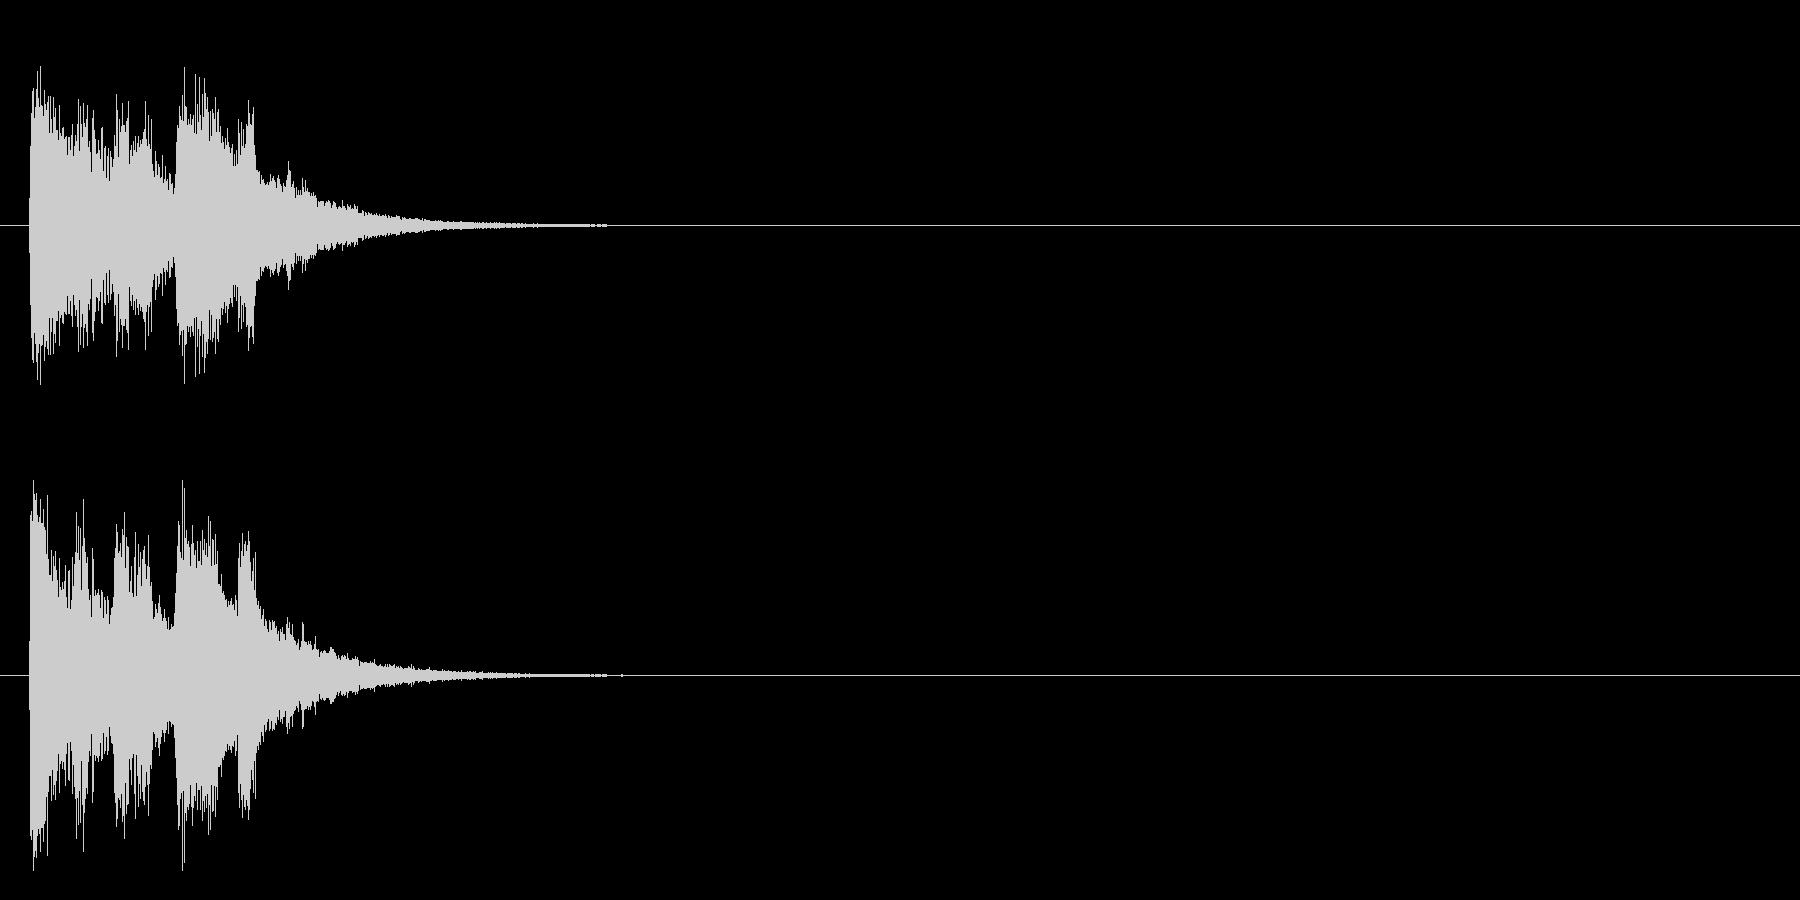 イベント CM アタック 情報 店内の未再生の波形